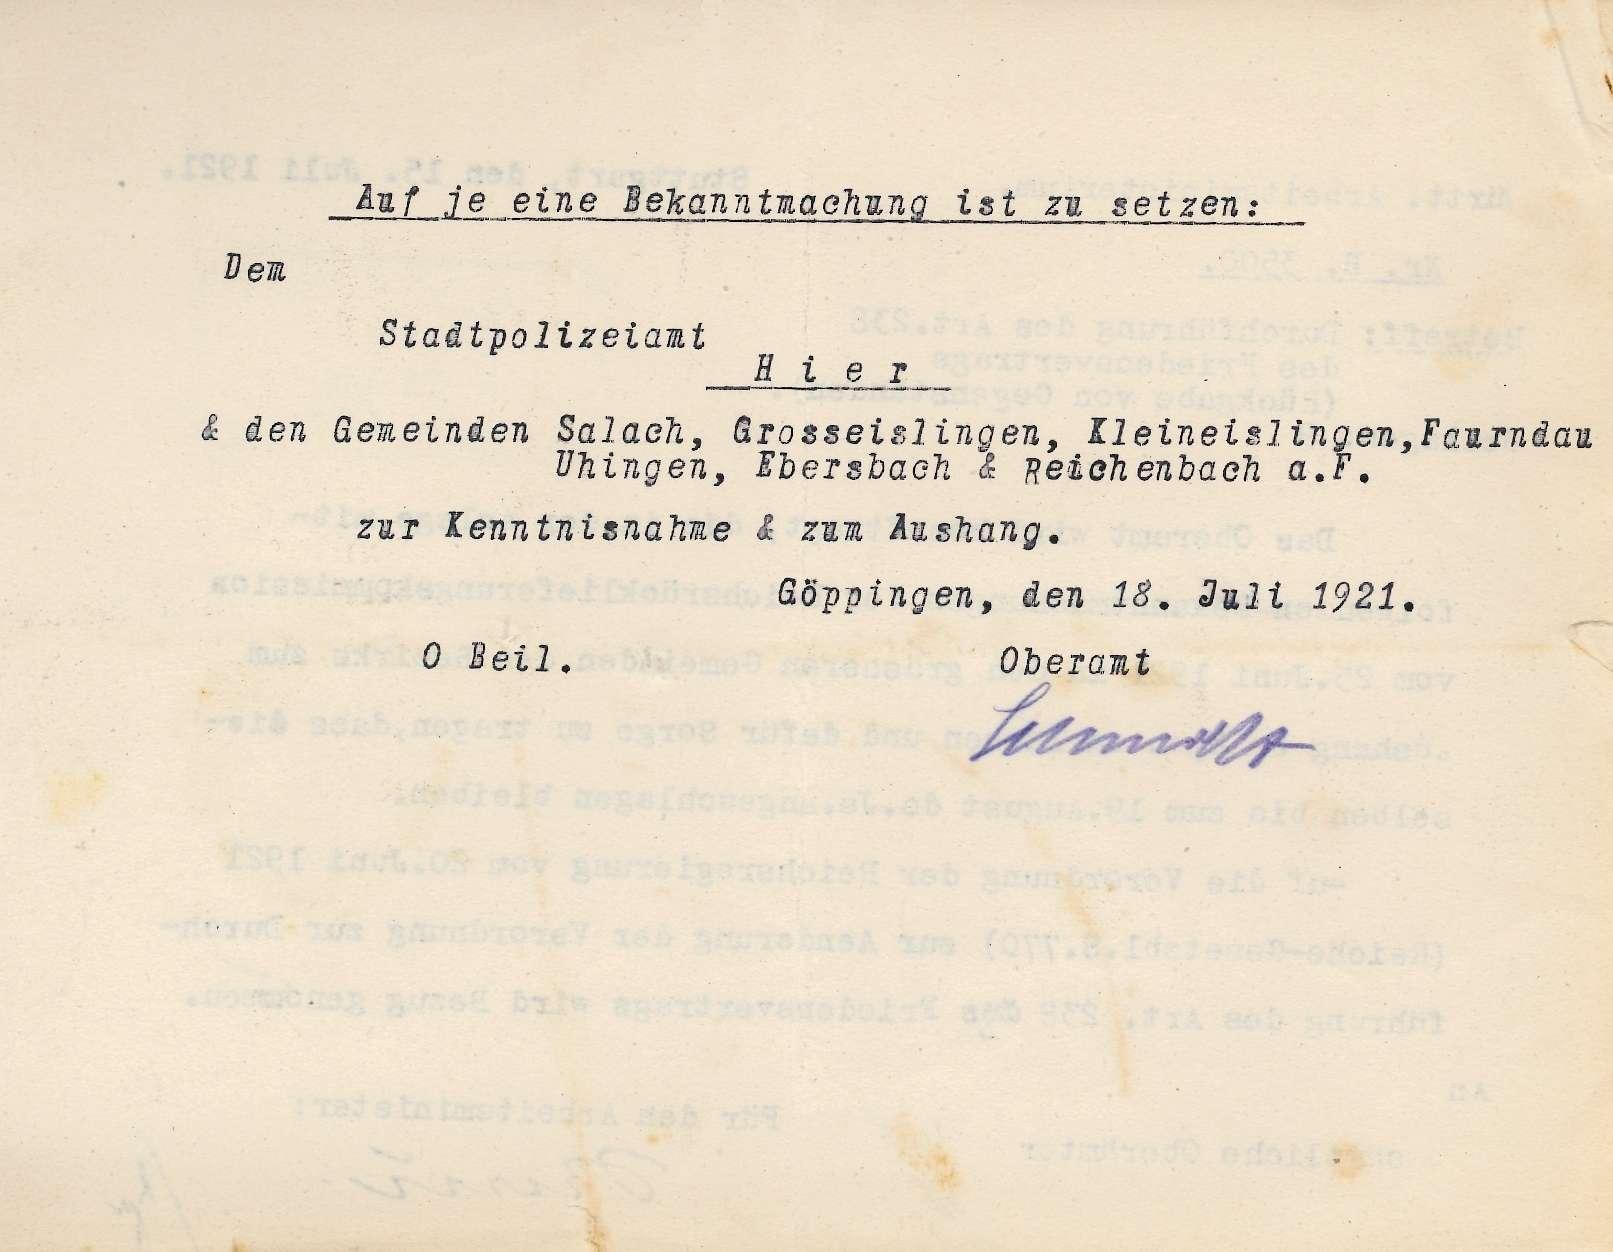 Durchführung des Art. 238 des Friedensvertrages; Rückgabe von Gegenständen; Allgemeines, Bild 3